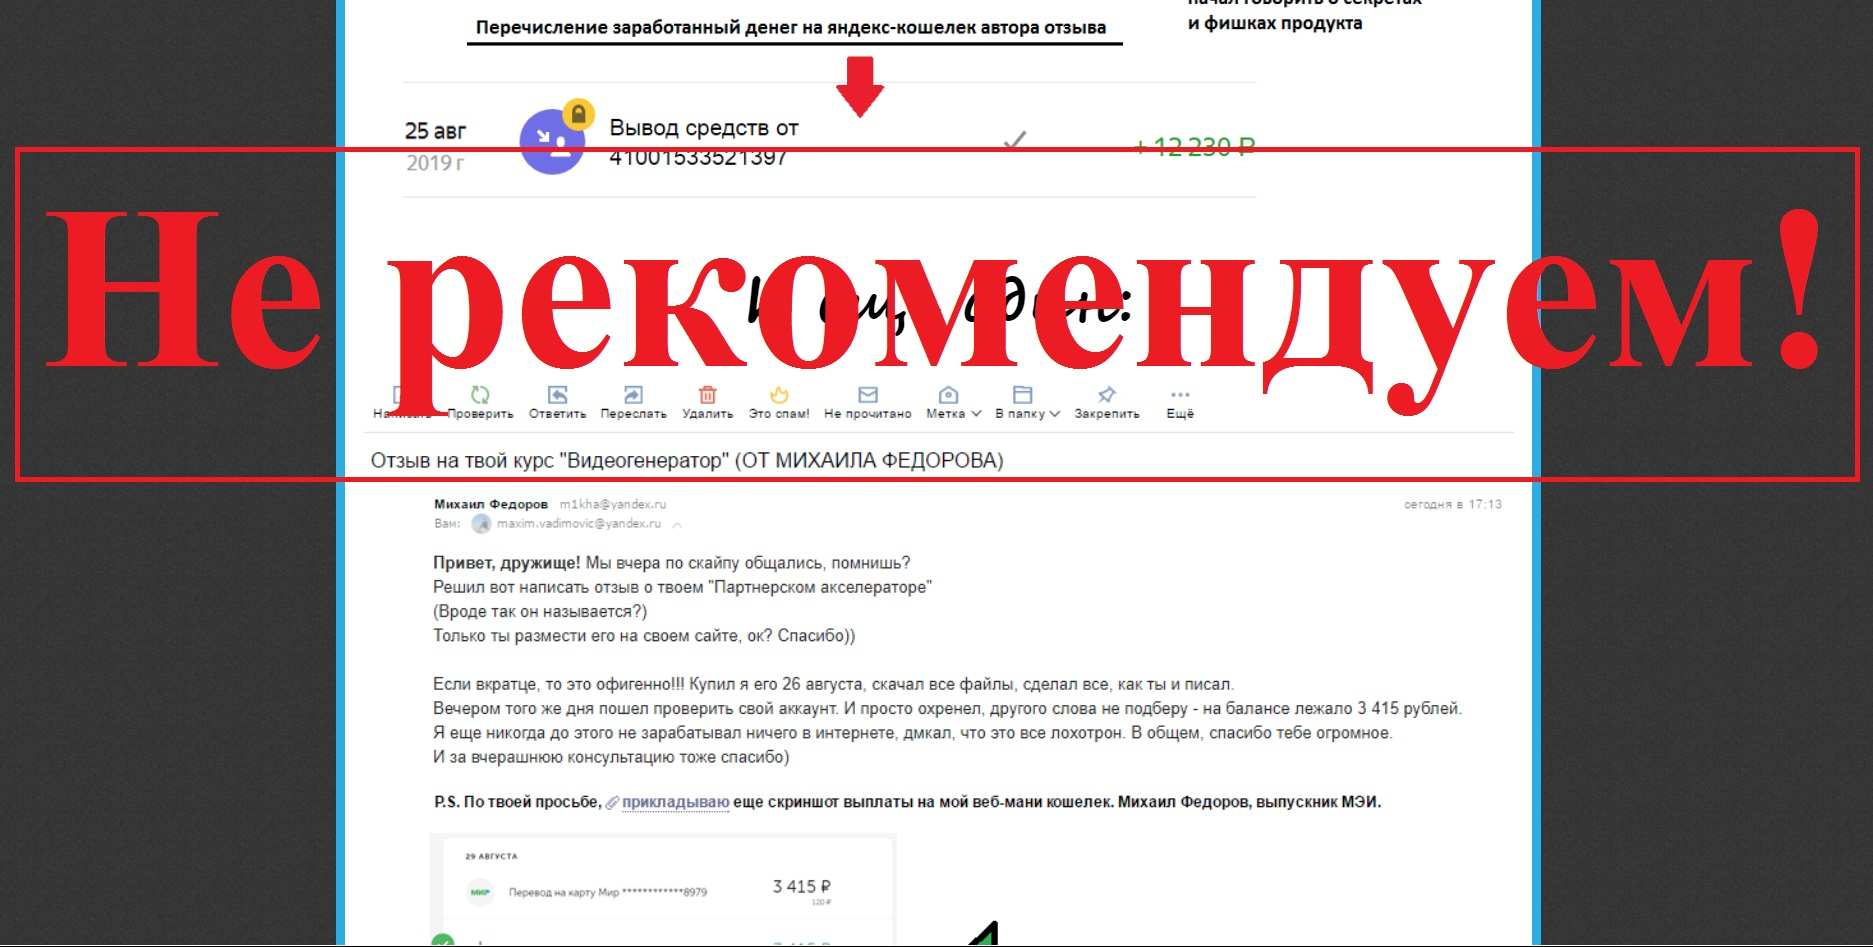 Партнерский акселератор – реальные отзывы о курсе Максима Даминова